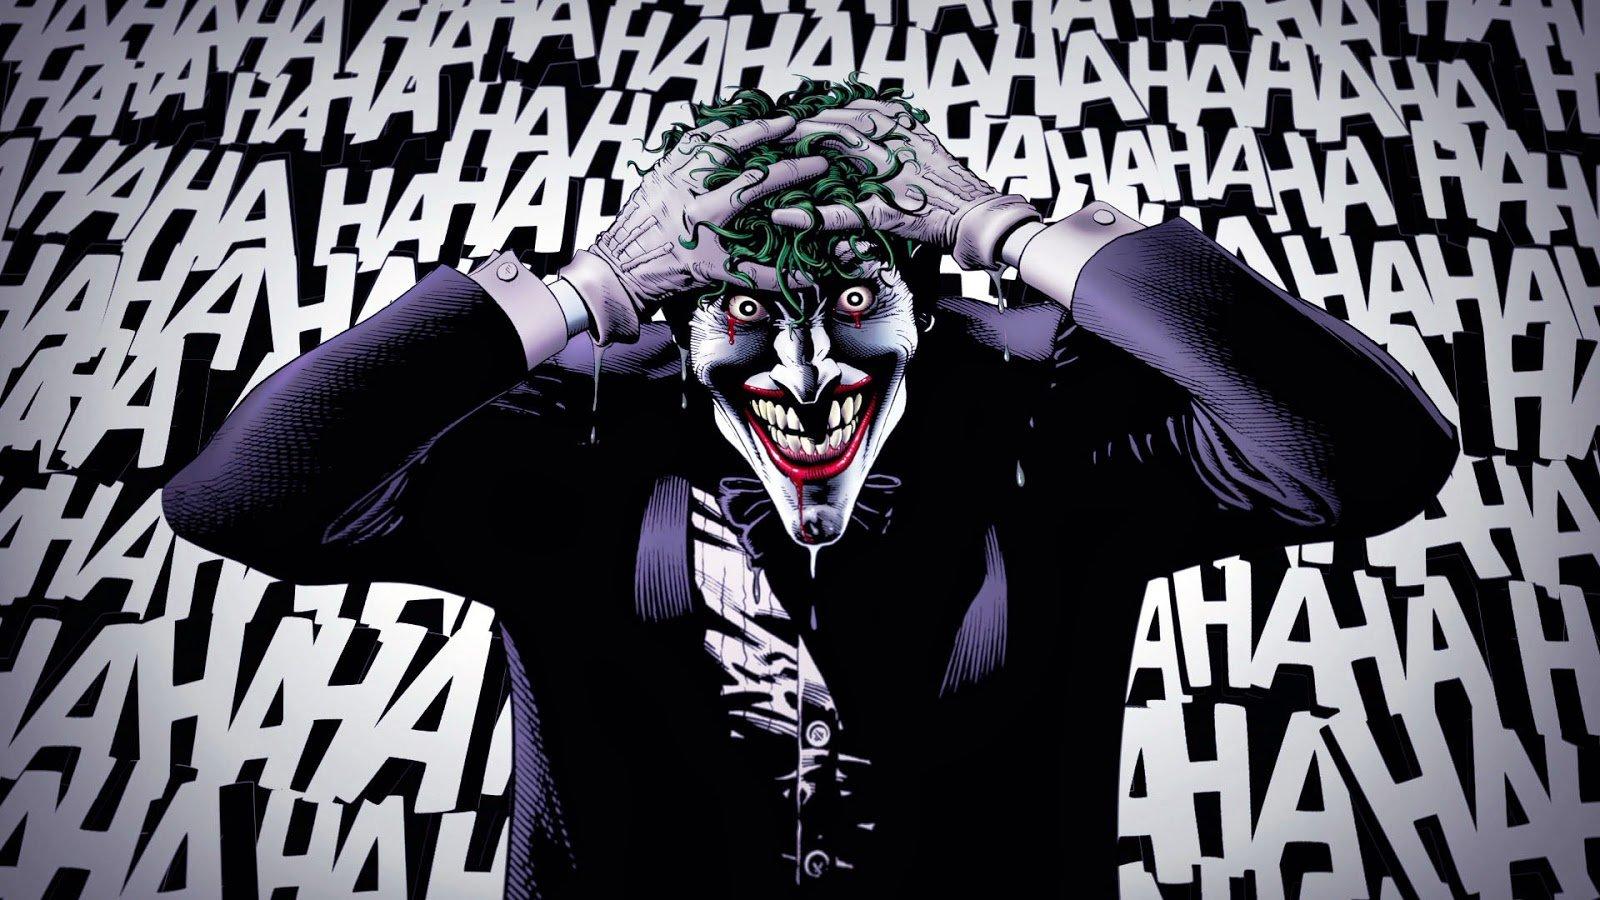 Wallpaper from The Killing Joke The Joker Wallpaper The Killing Joke 1600x900